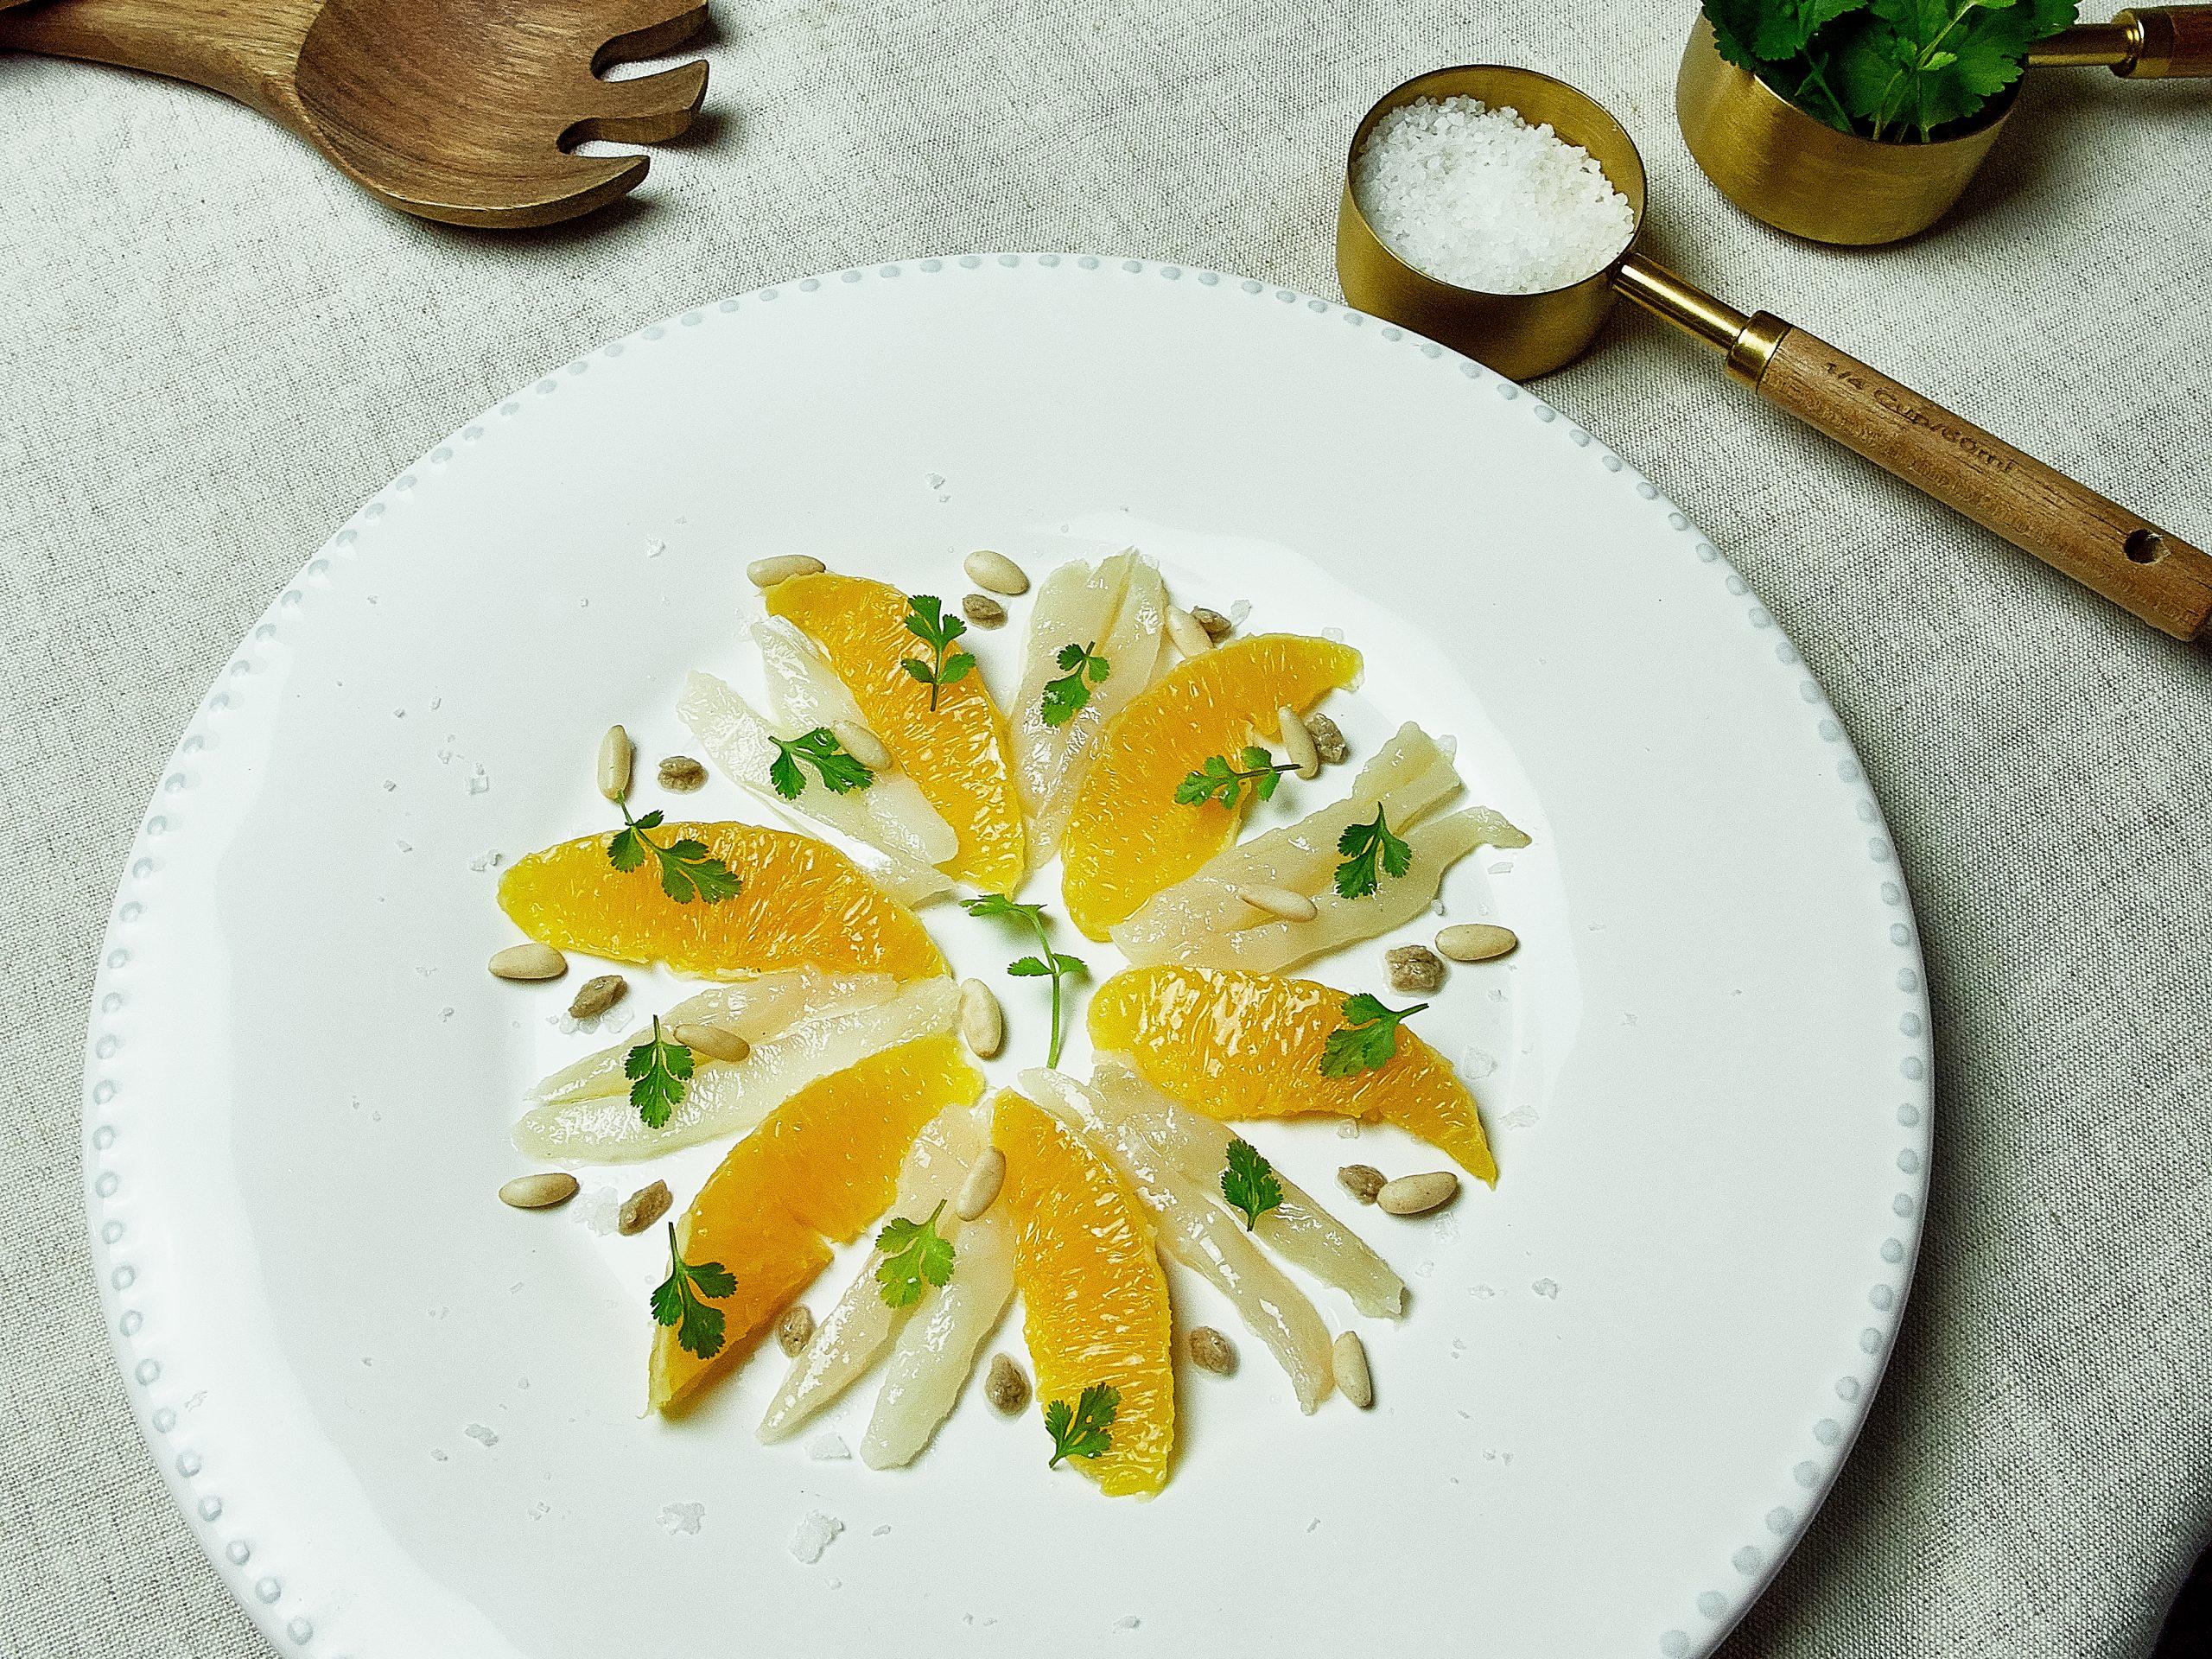 Ensalada de bacalao, naranja y emulsión de champiñón Portobello